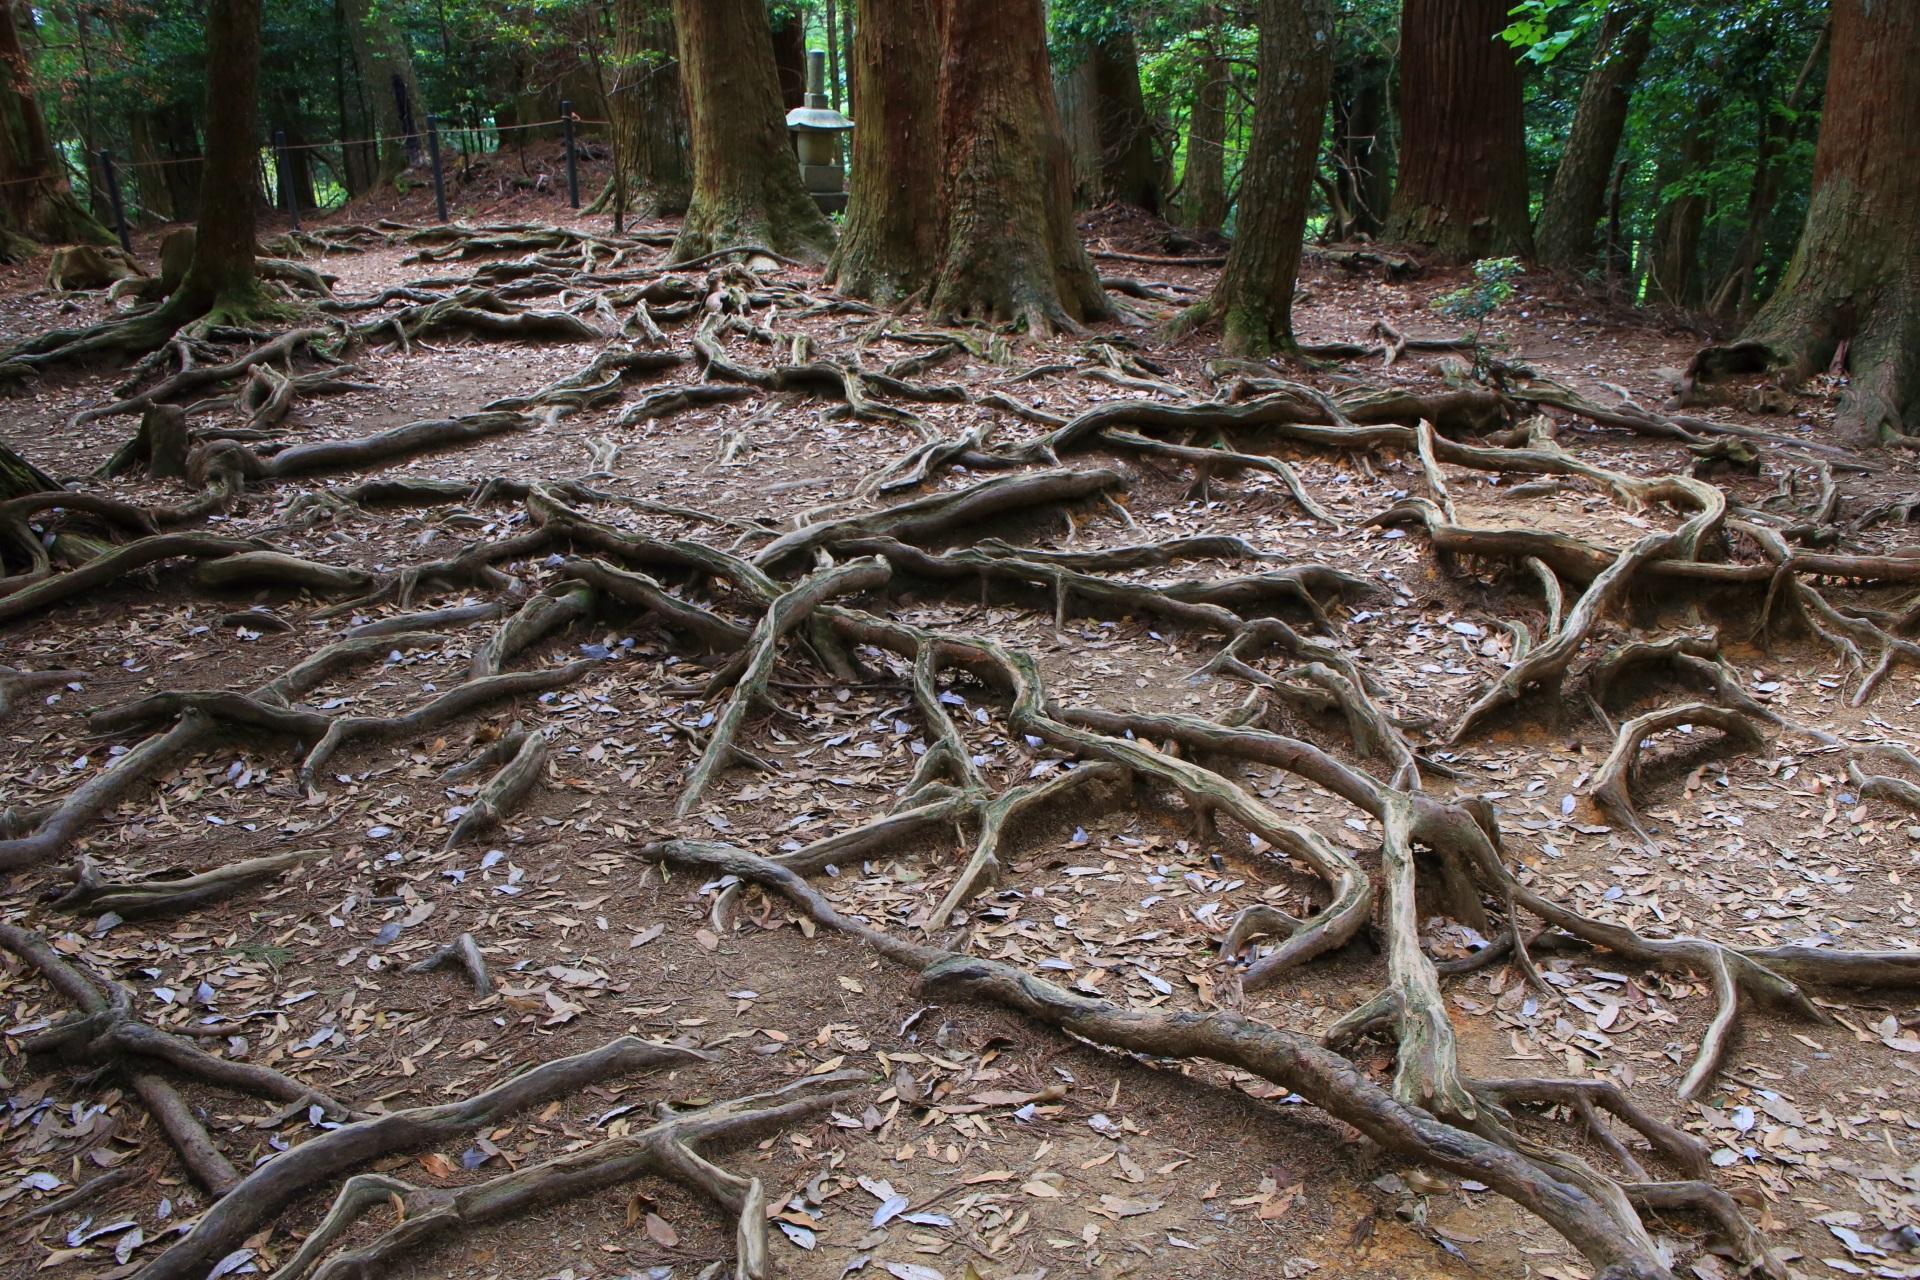 ここを目当てに来る人も多い鞍馬山の名所の木の根道